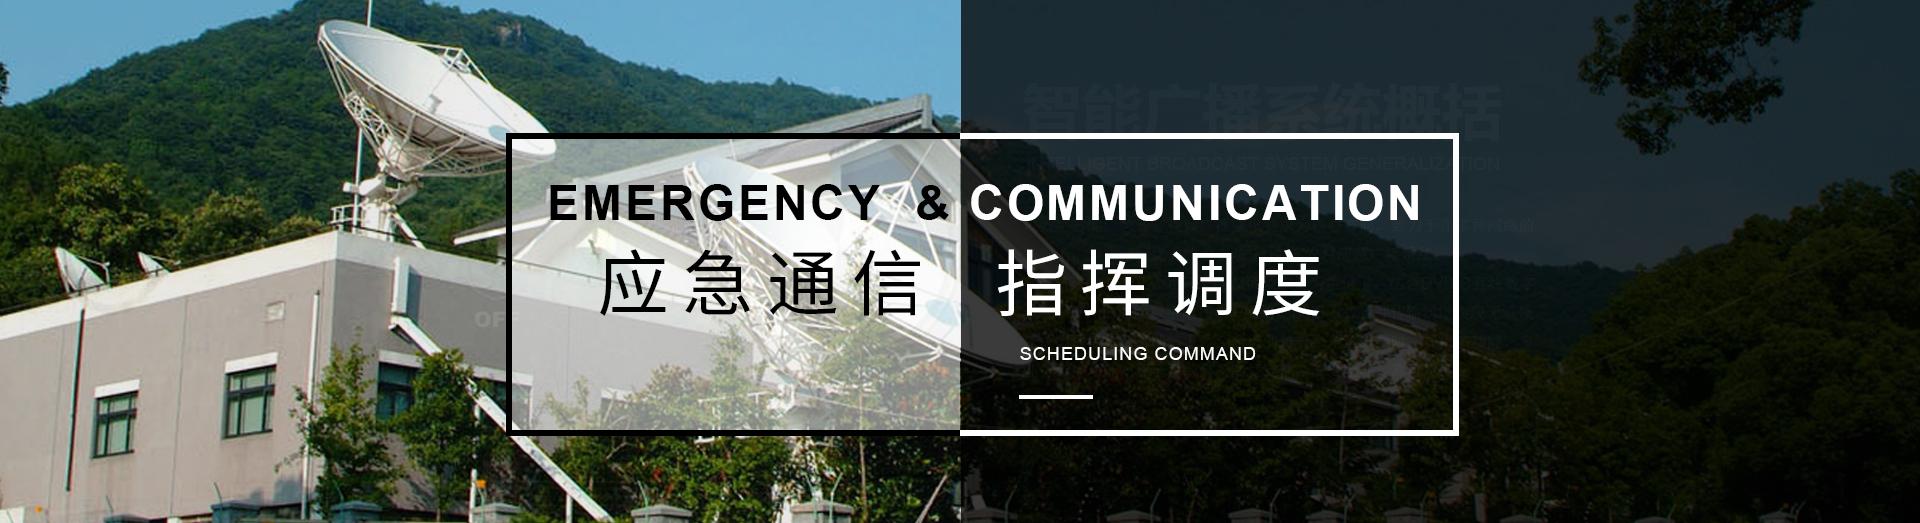 村村响应急广播